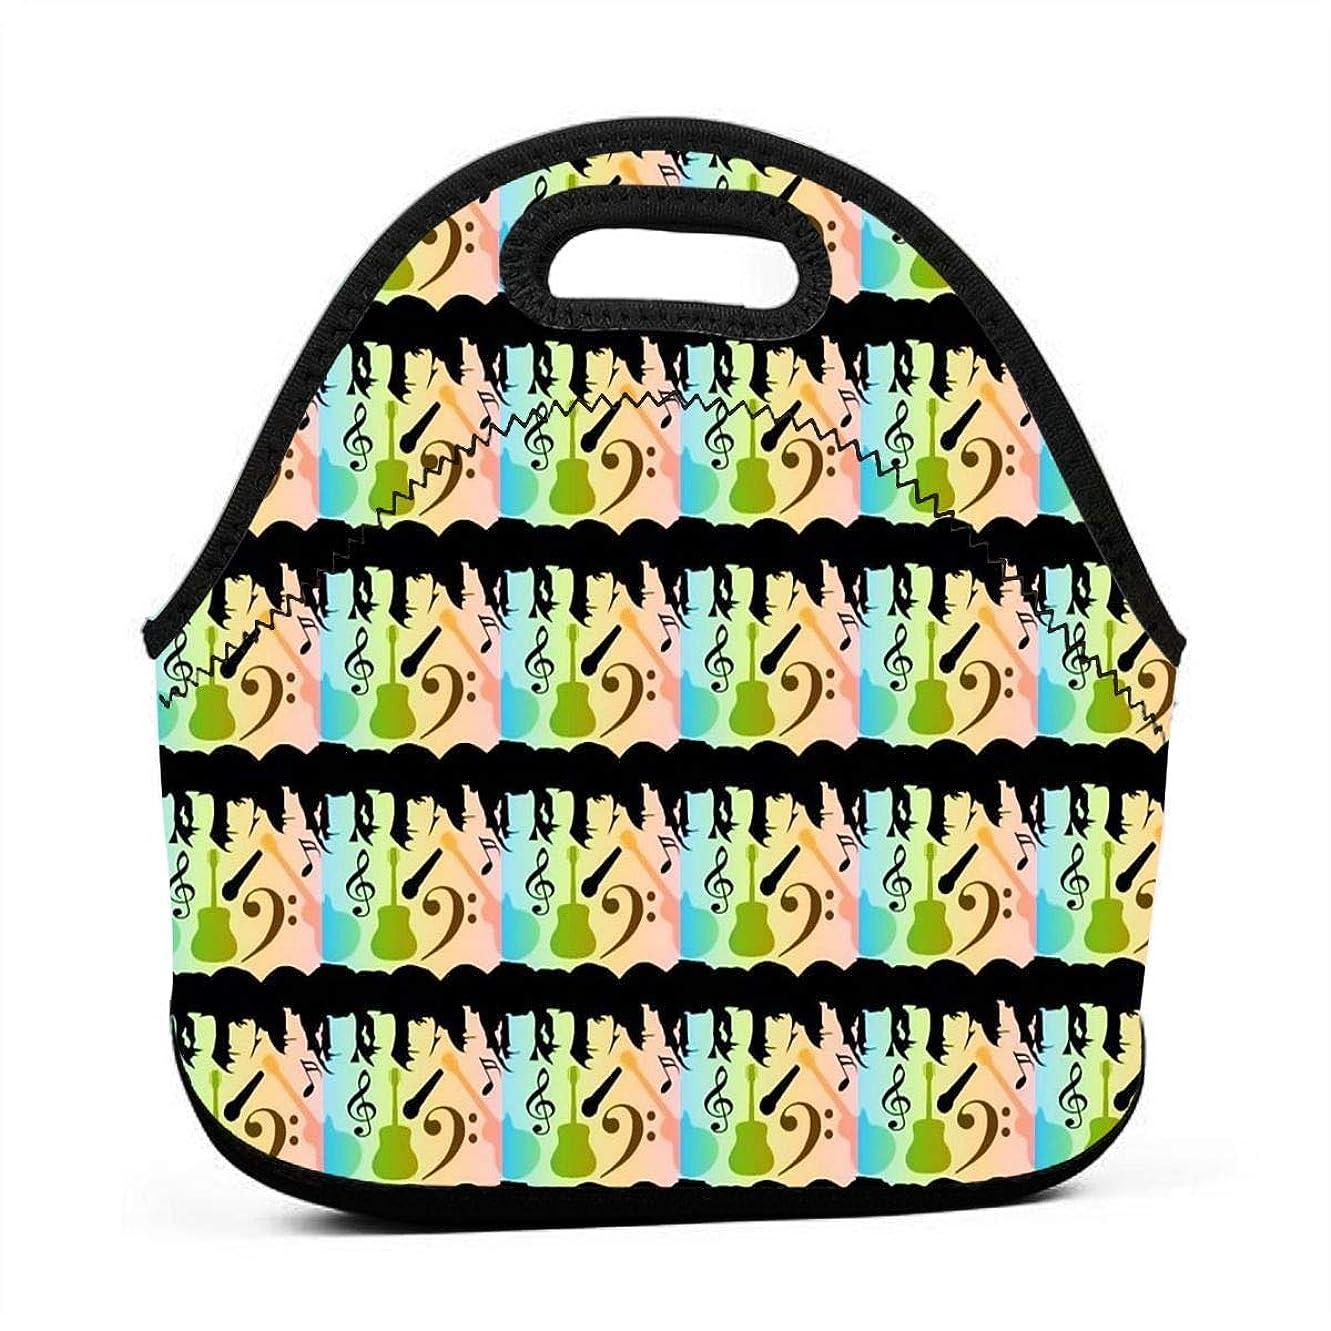 書誌分類するおもてなしBeatles In Color 保温再利用可能おポータブル弁当箱ランチトートバッグ食事袋子供大人ユニセックス